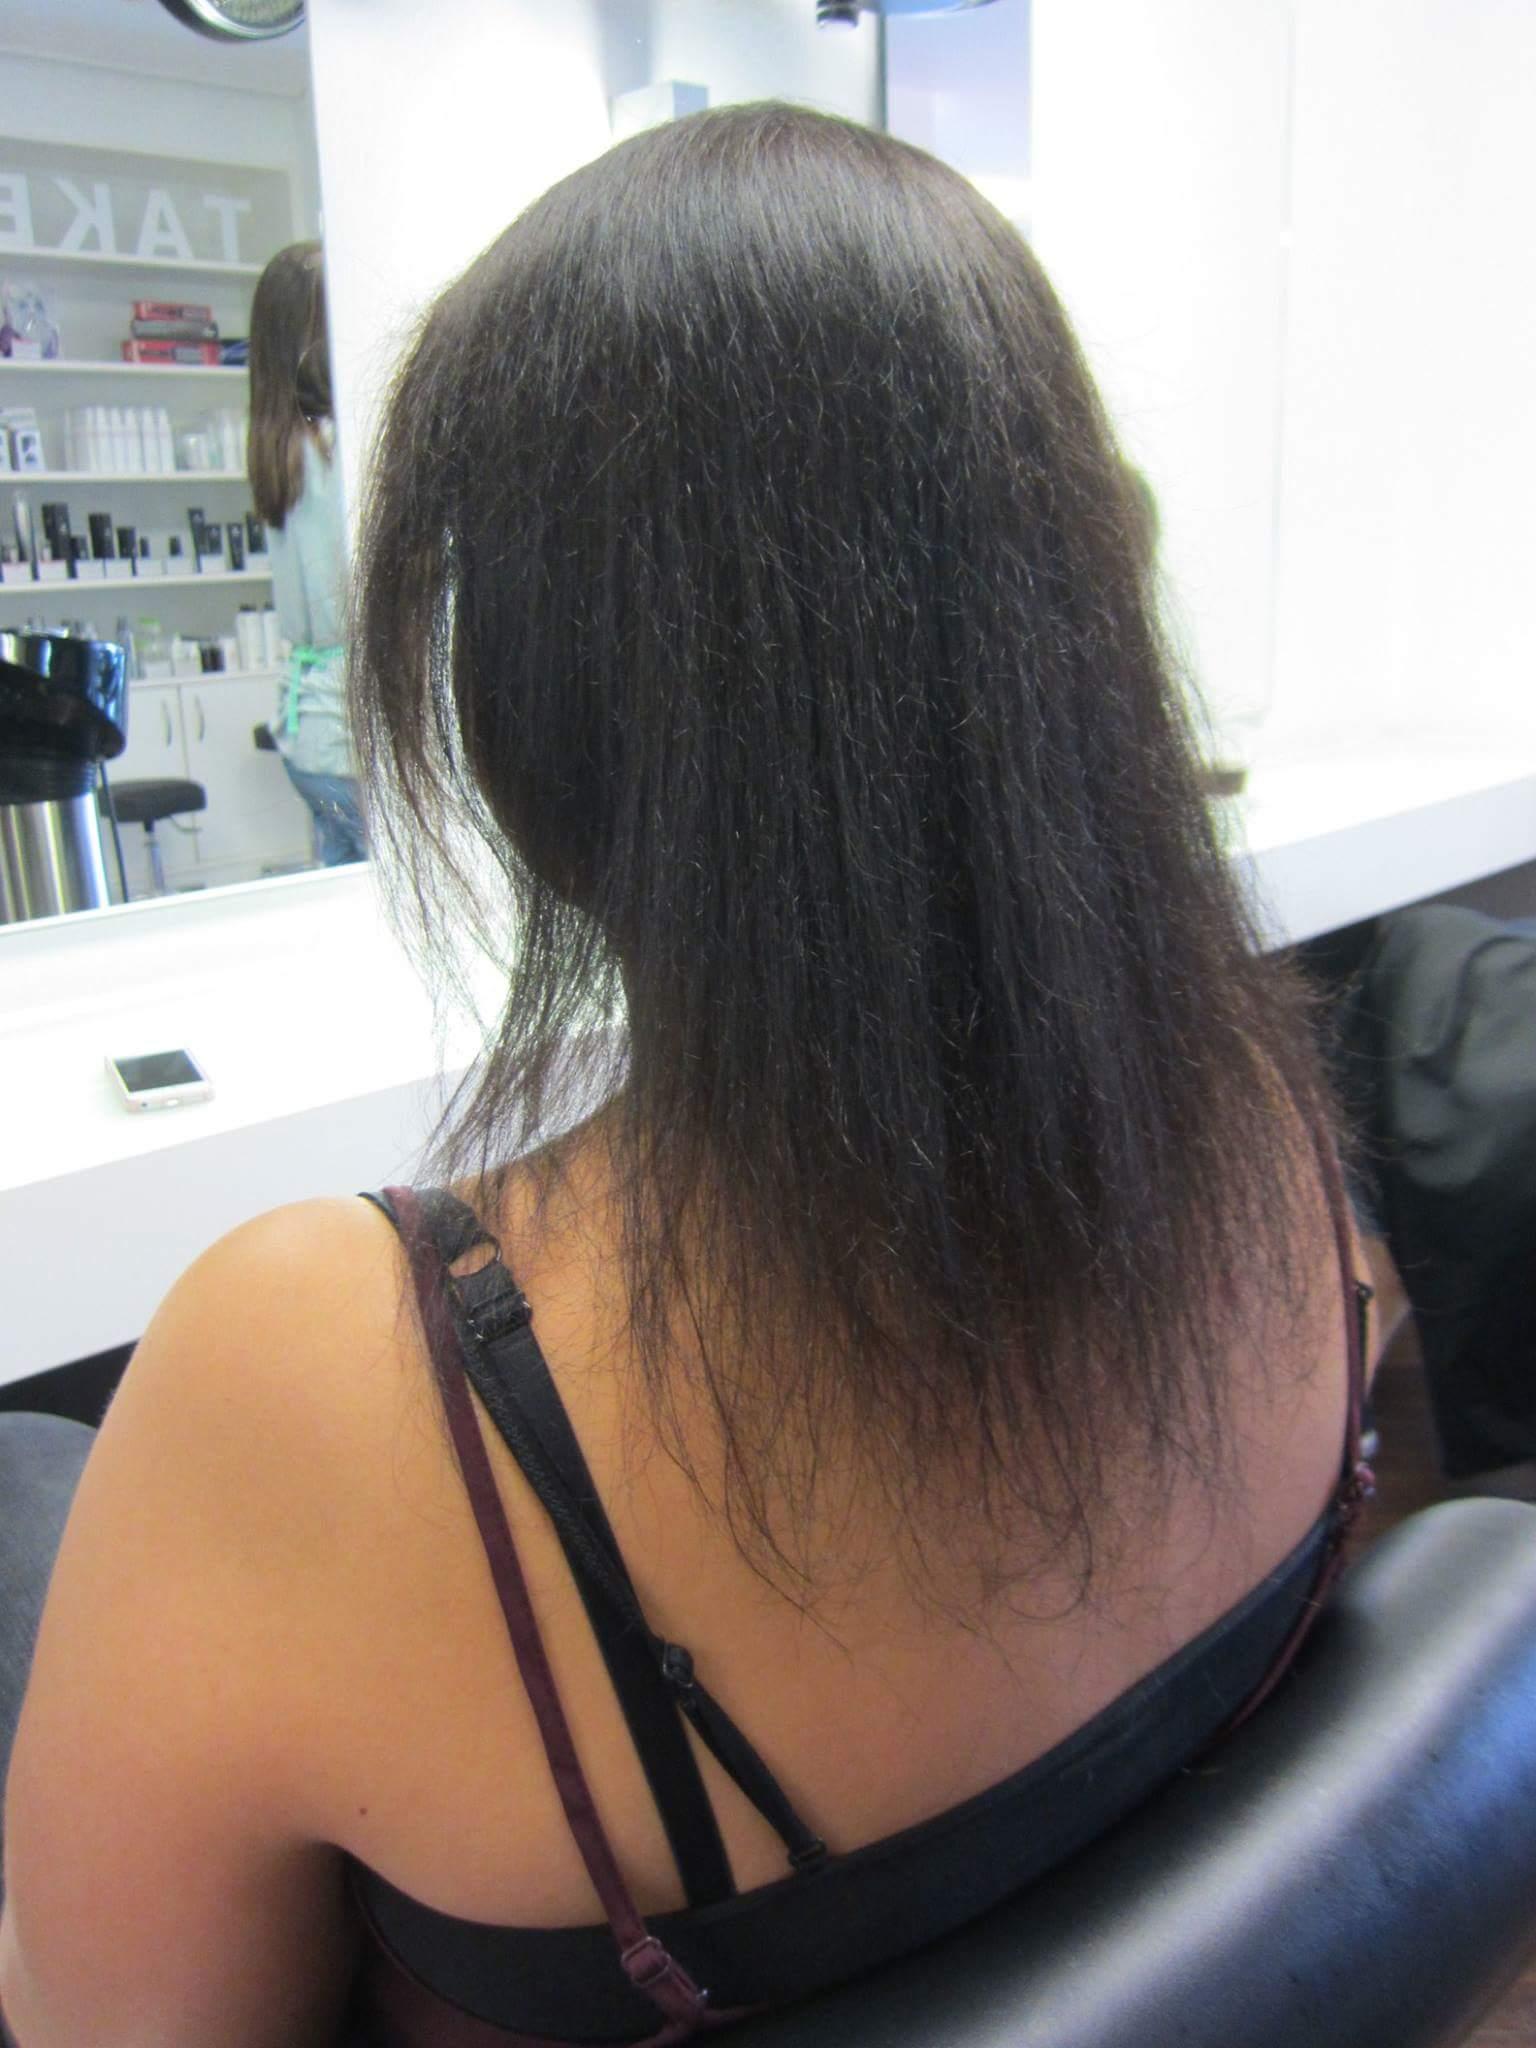 _Hairdreams_Haarverlaengerung_Bonn_Beispiele_Fotos_Vorher_Nachher_005